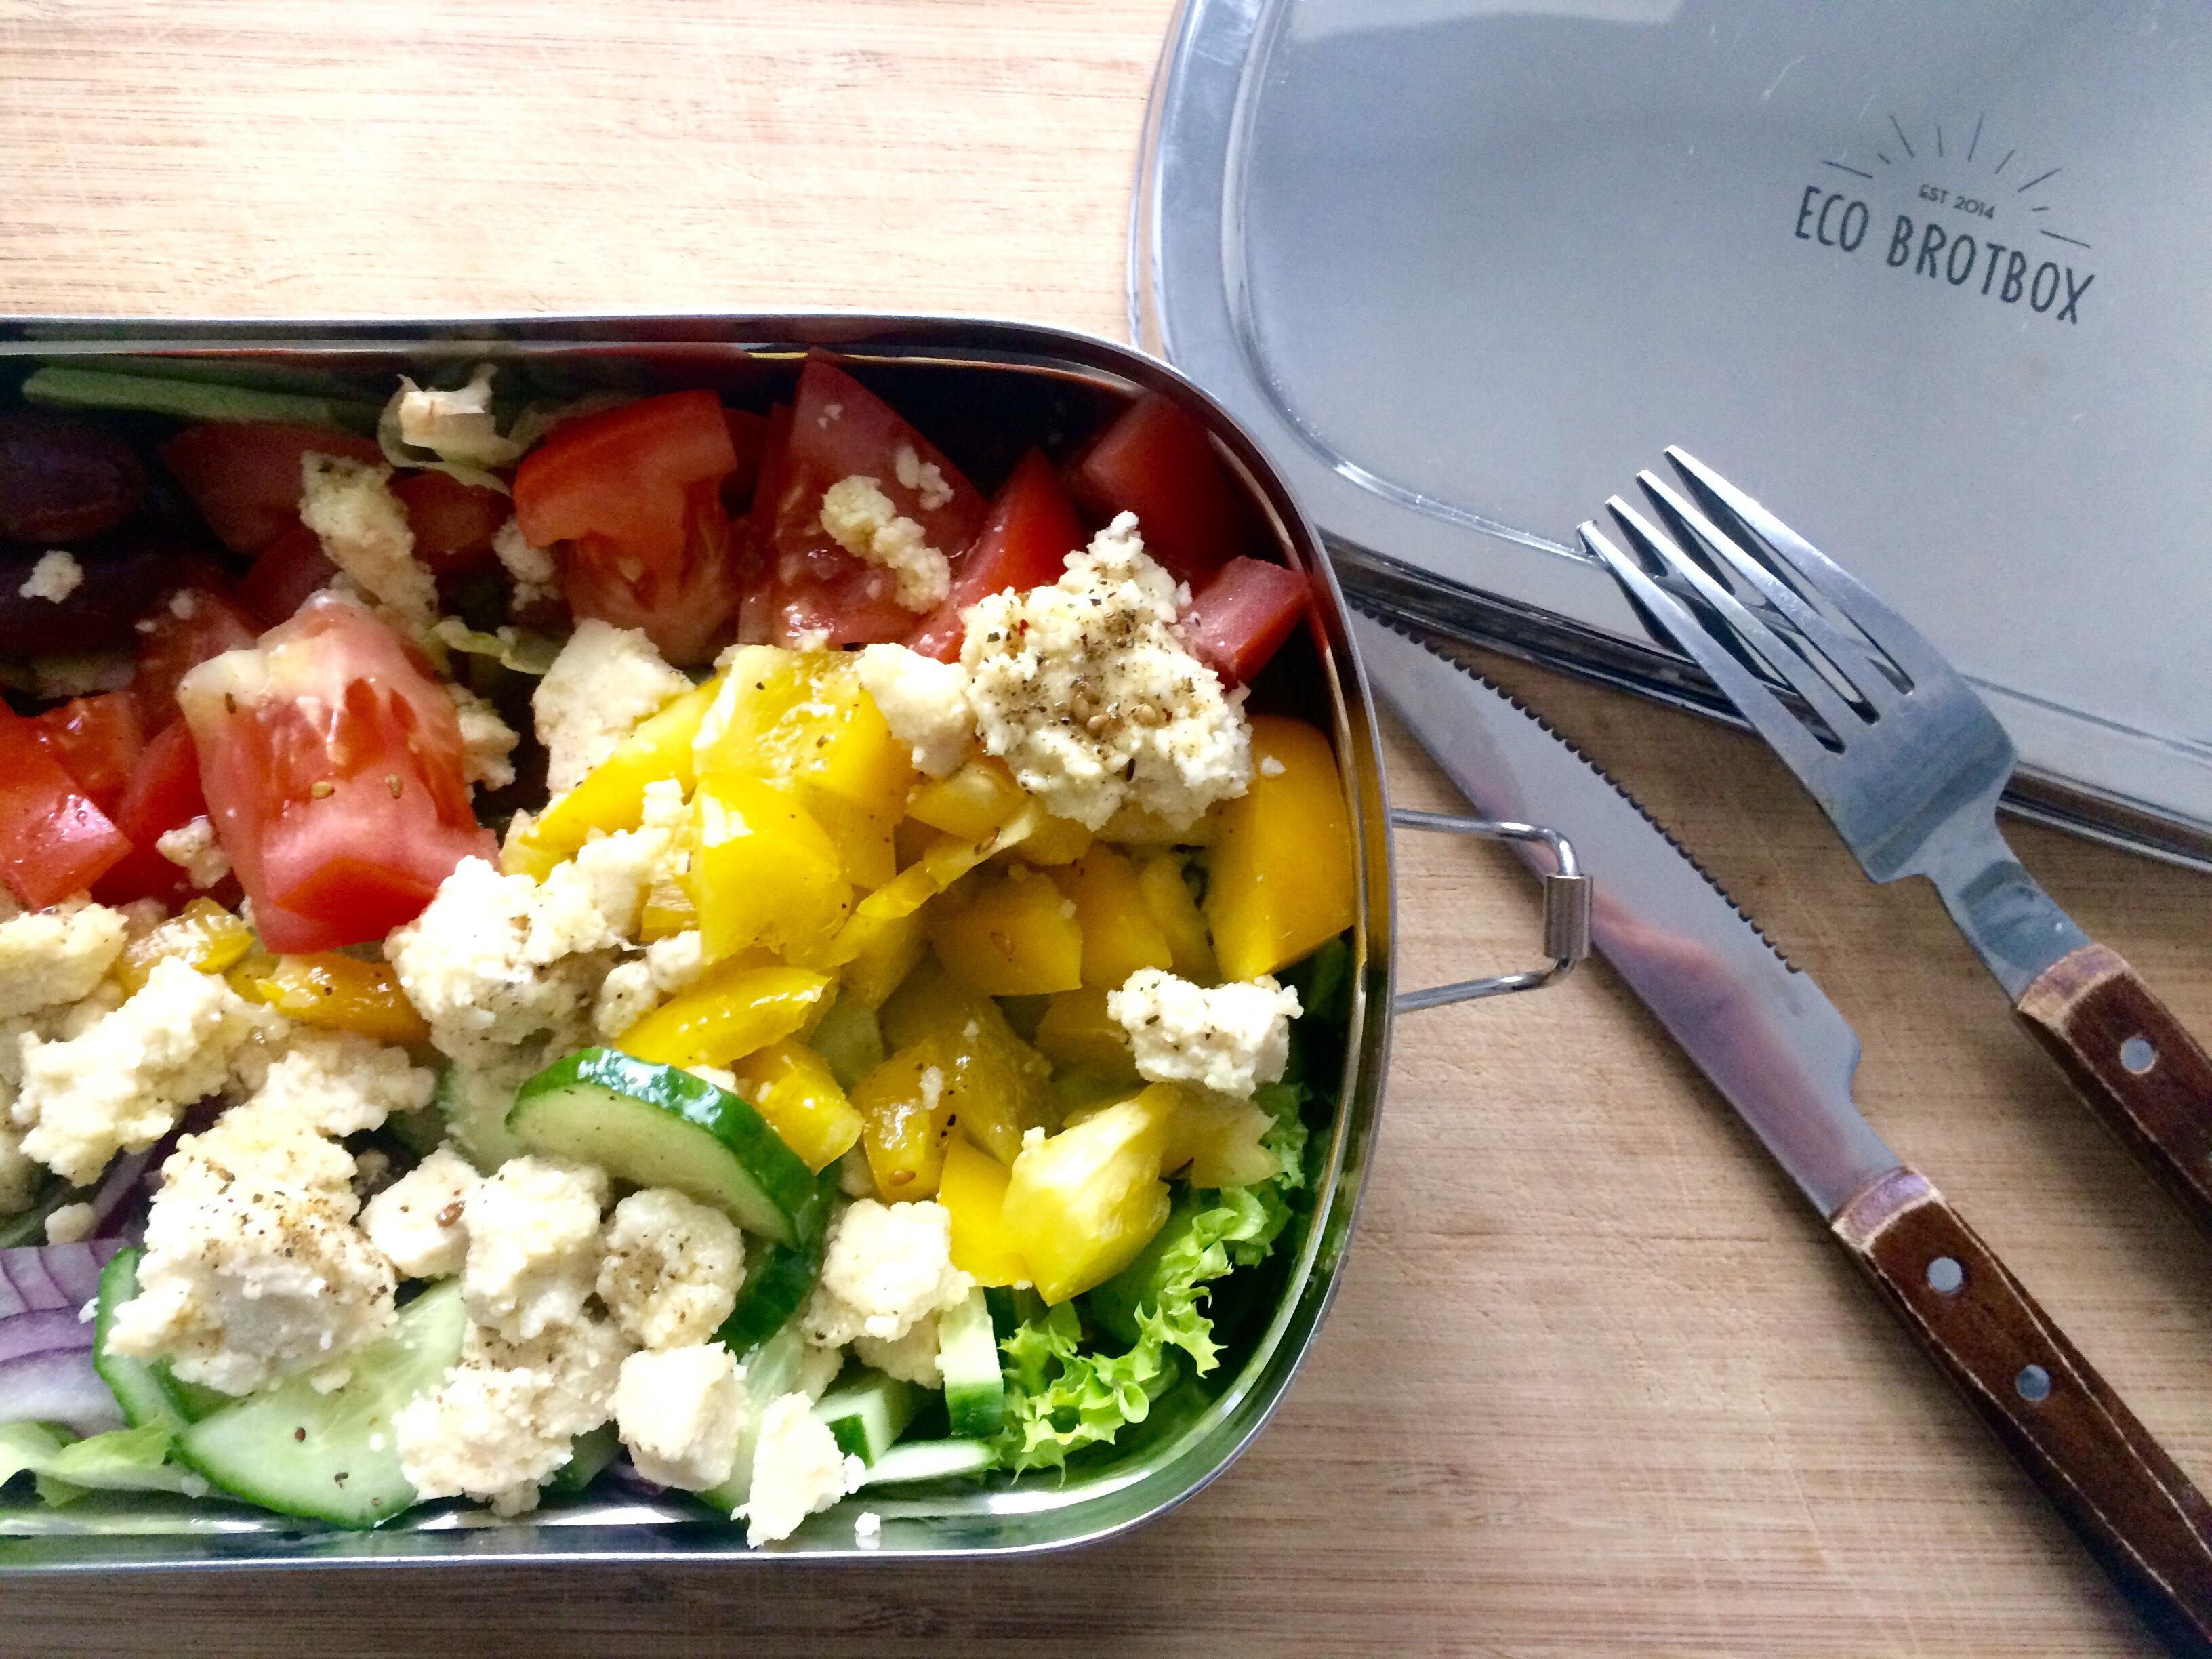 ecobrotbox salat